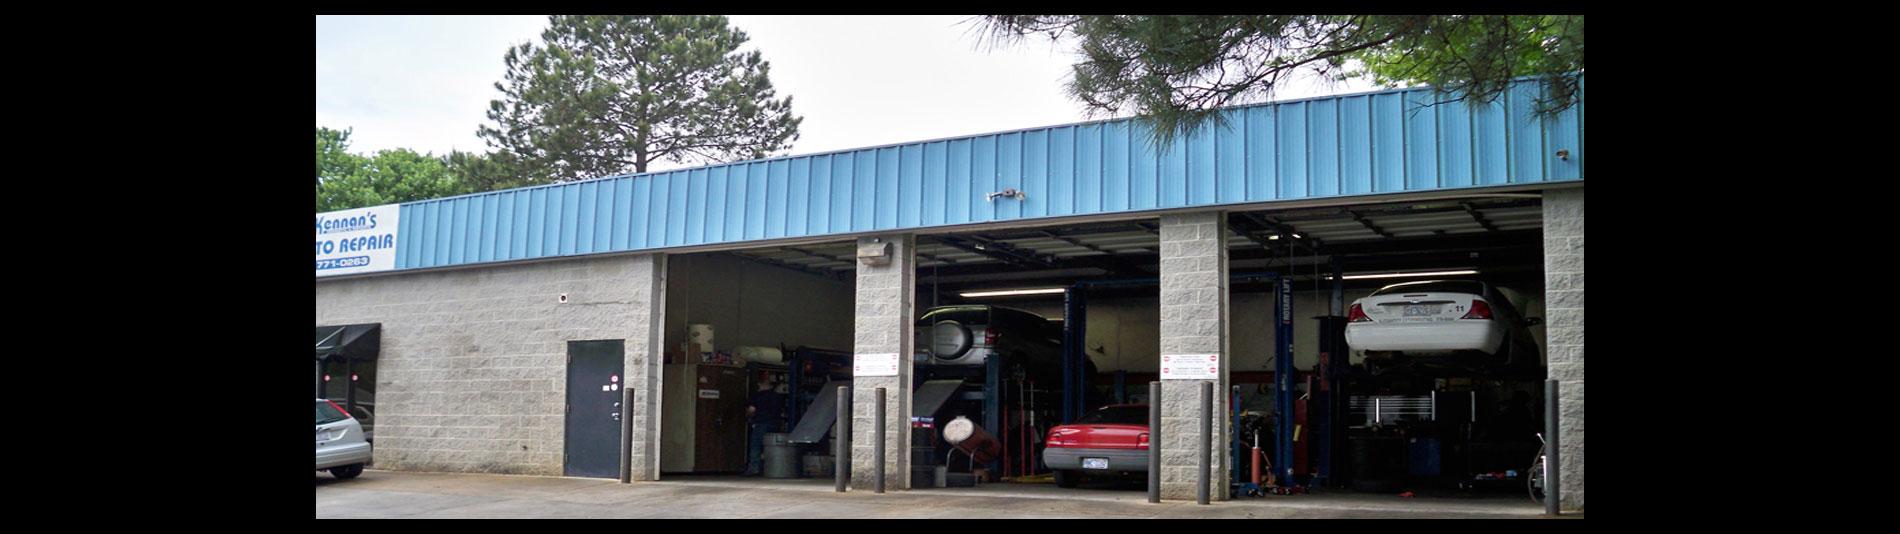 Kennans auto repair expert auto repair raleigh nc 27603 solutioingenieria Images